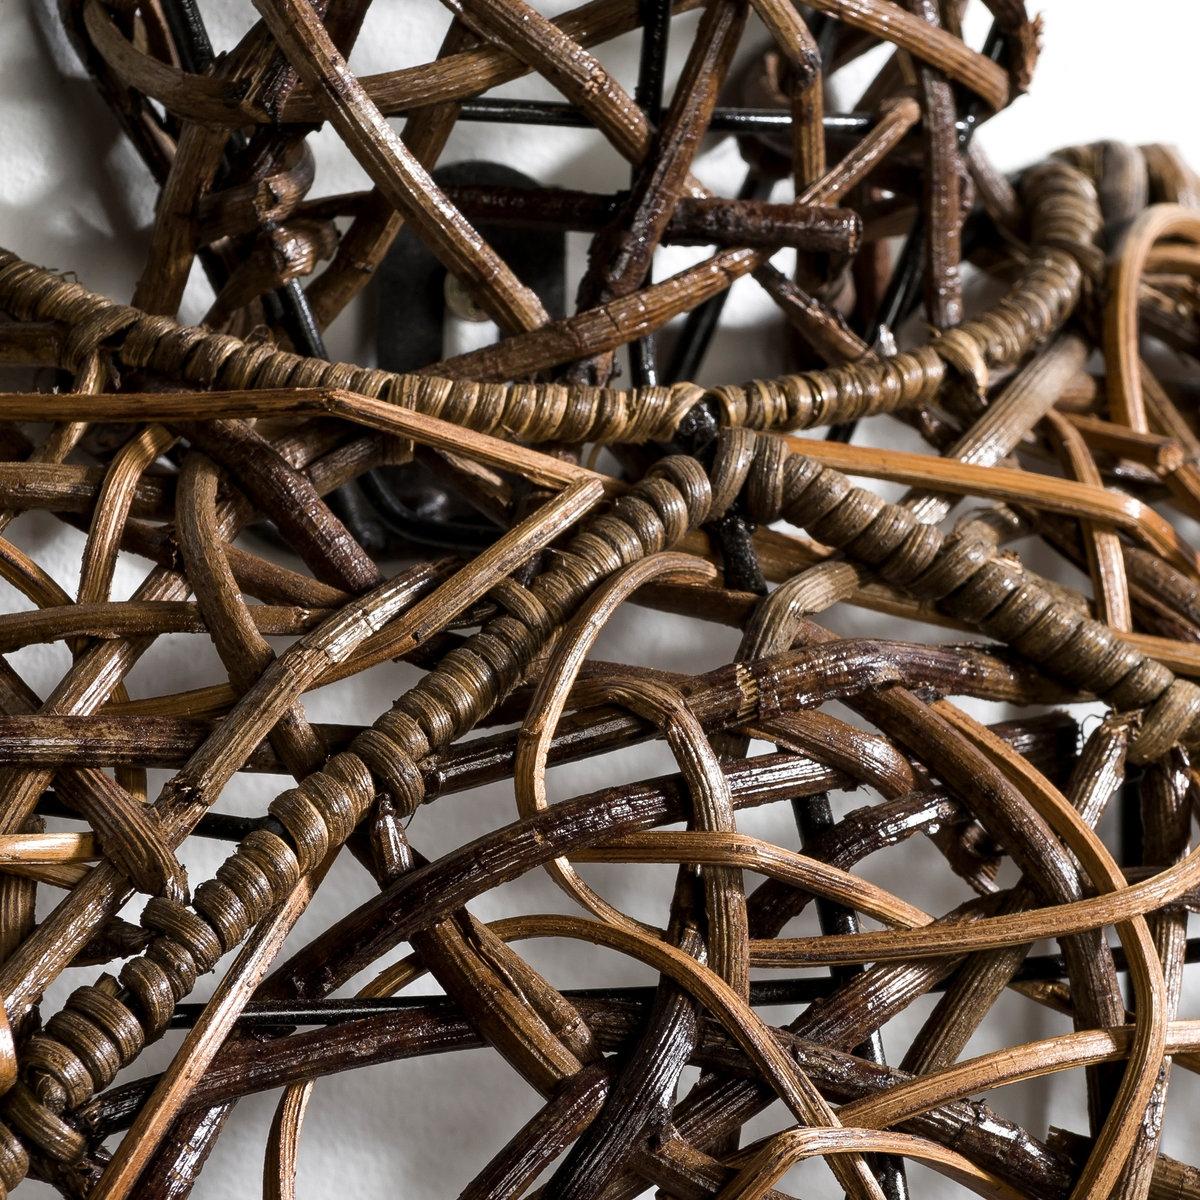 Черепаха плетёная ZeldaМеталлическая конструкция покрытая плетёным тростником. В комплекте 2 пластины для крепления на стену, шурупы и дюбеля не прилагаются. Размеры: Дл.65 x Шир.55 x Выс.12 см.<br><br>Цвет: черный